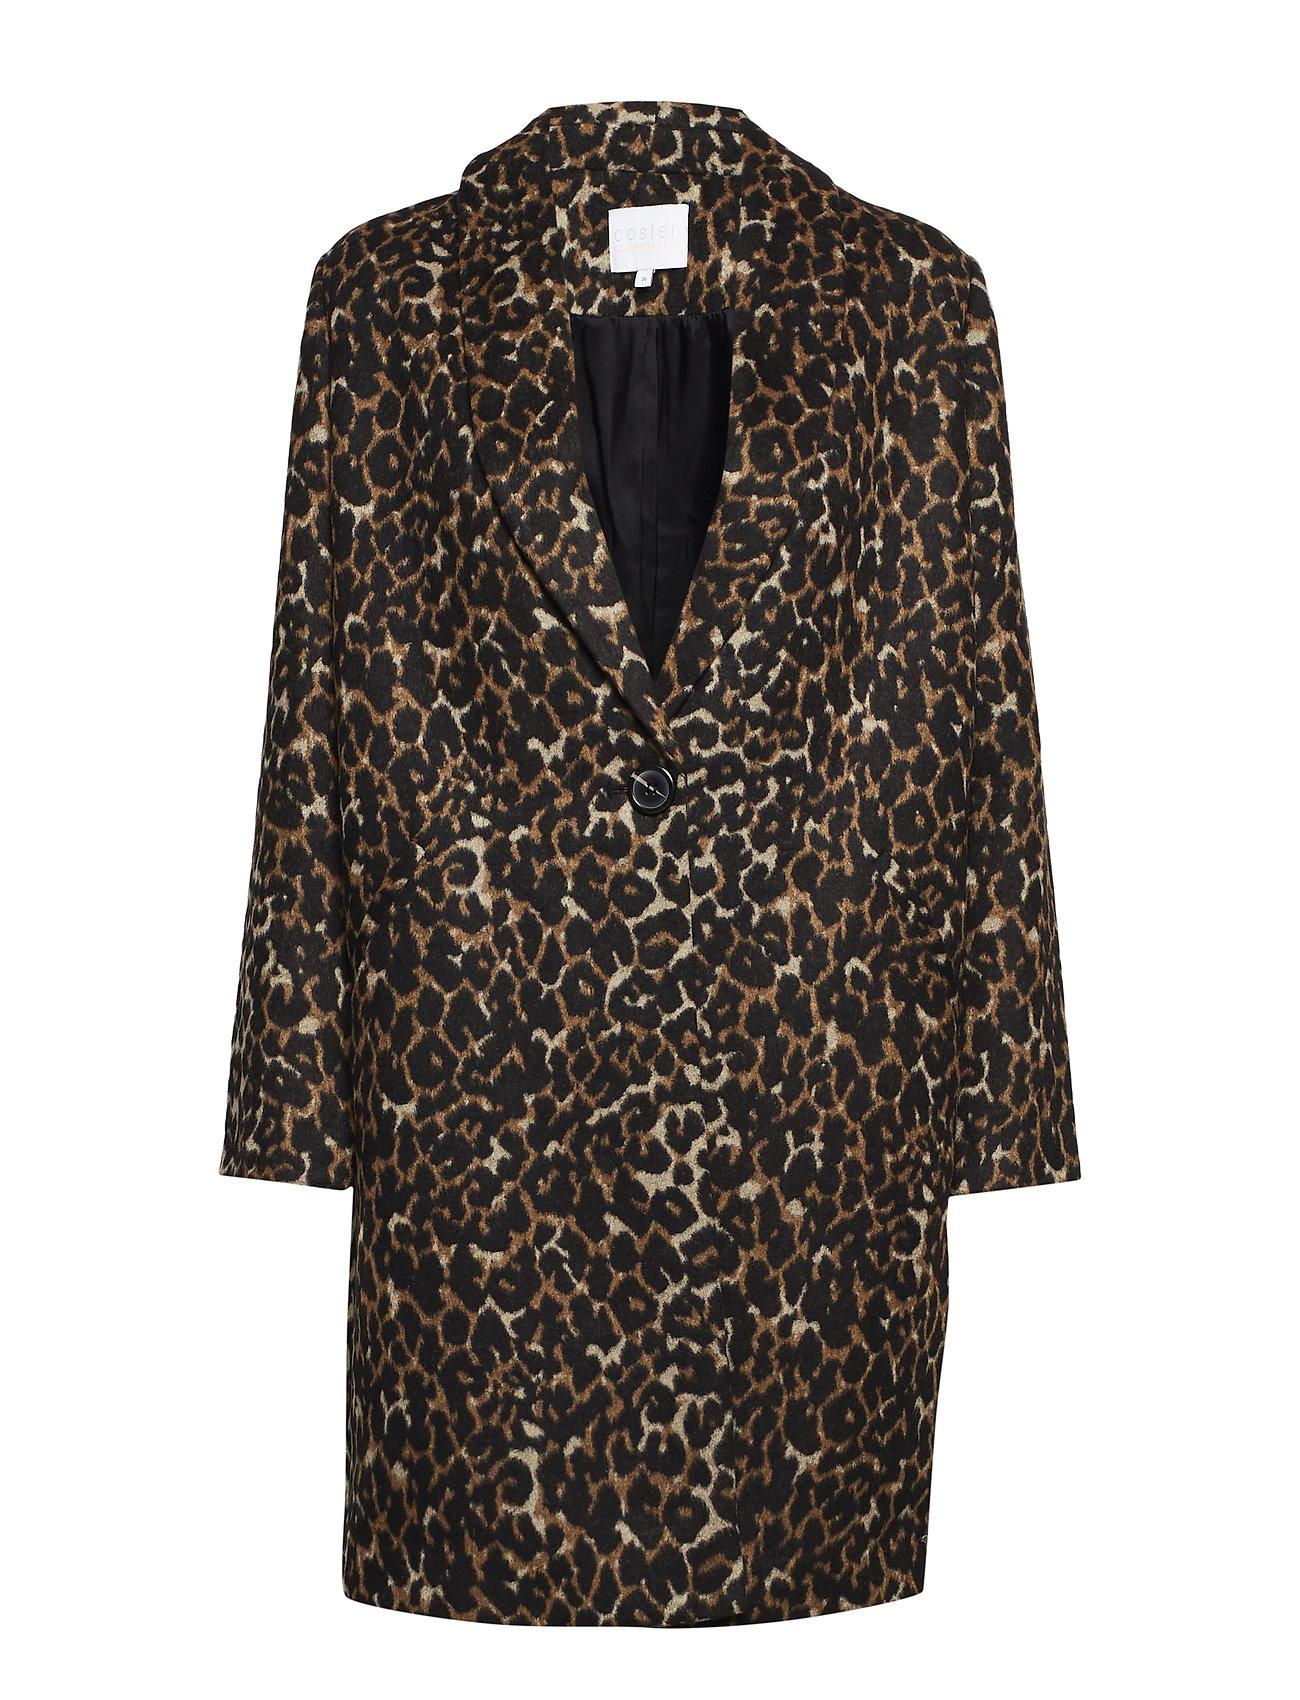 Coster Copenhagen Coat in Leopard print w. shawl coll Ytterkläder